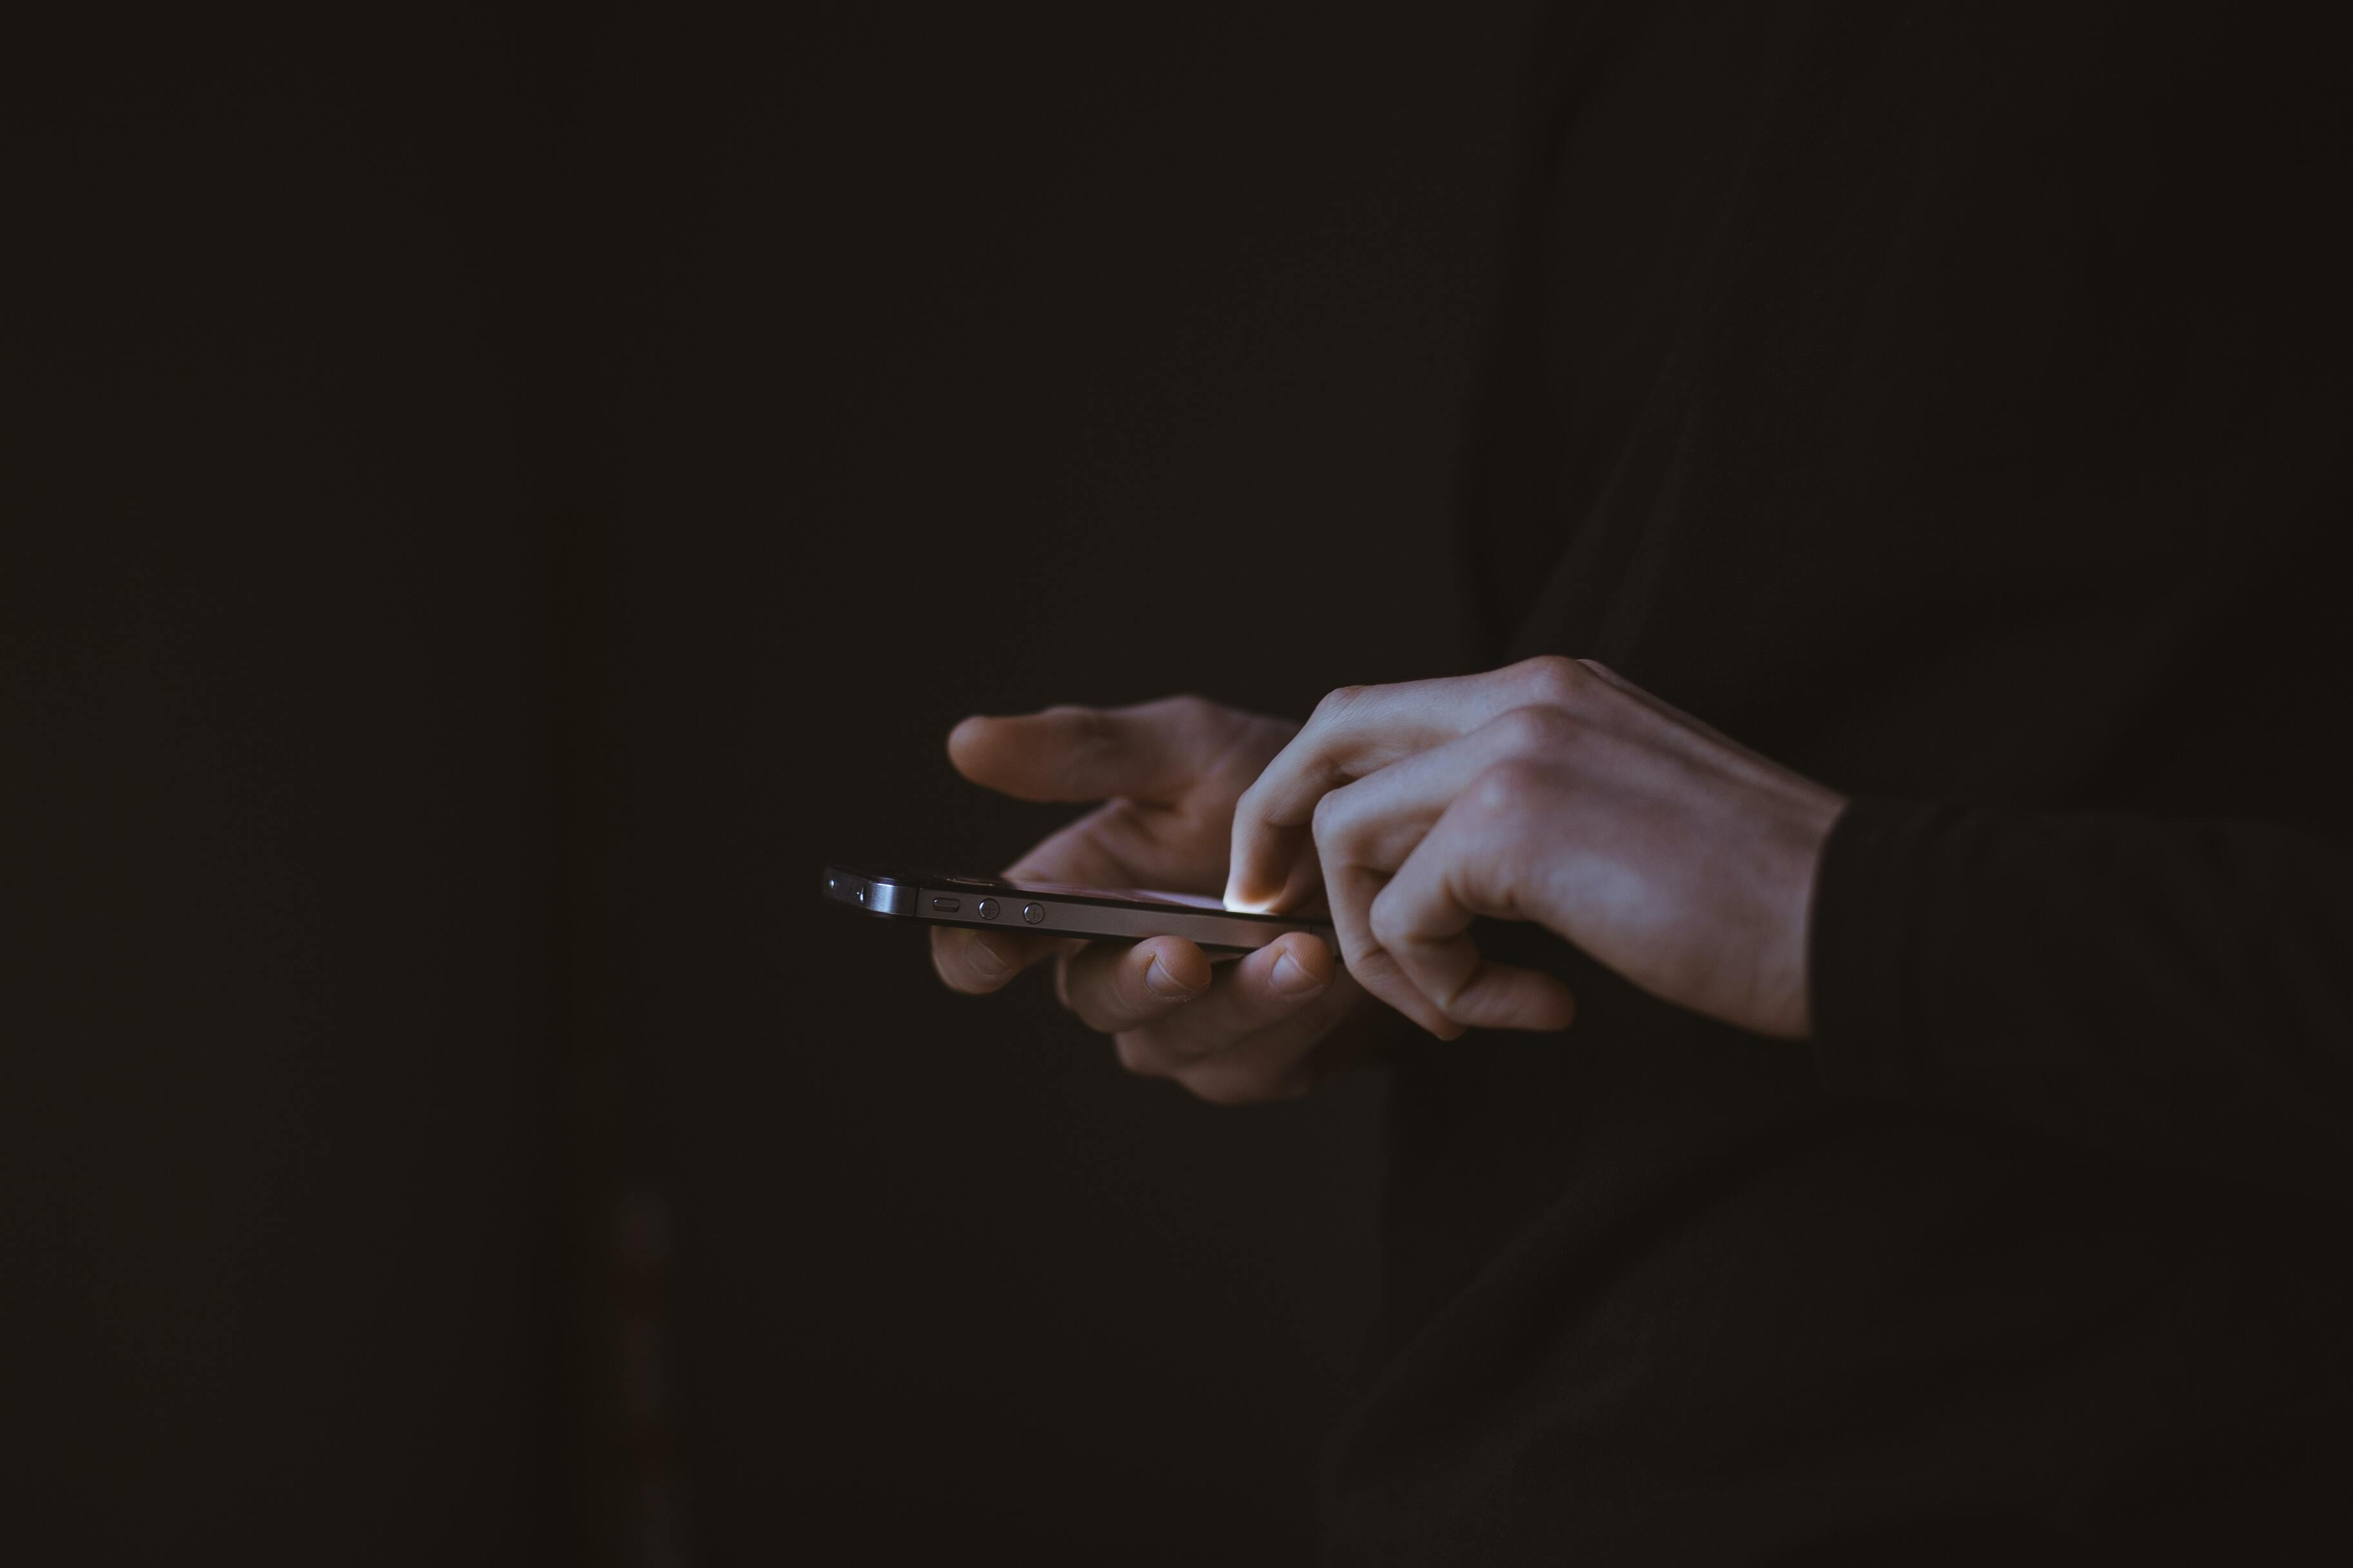 Россиянам рассказали, что делать при потере смартфона